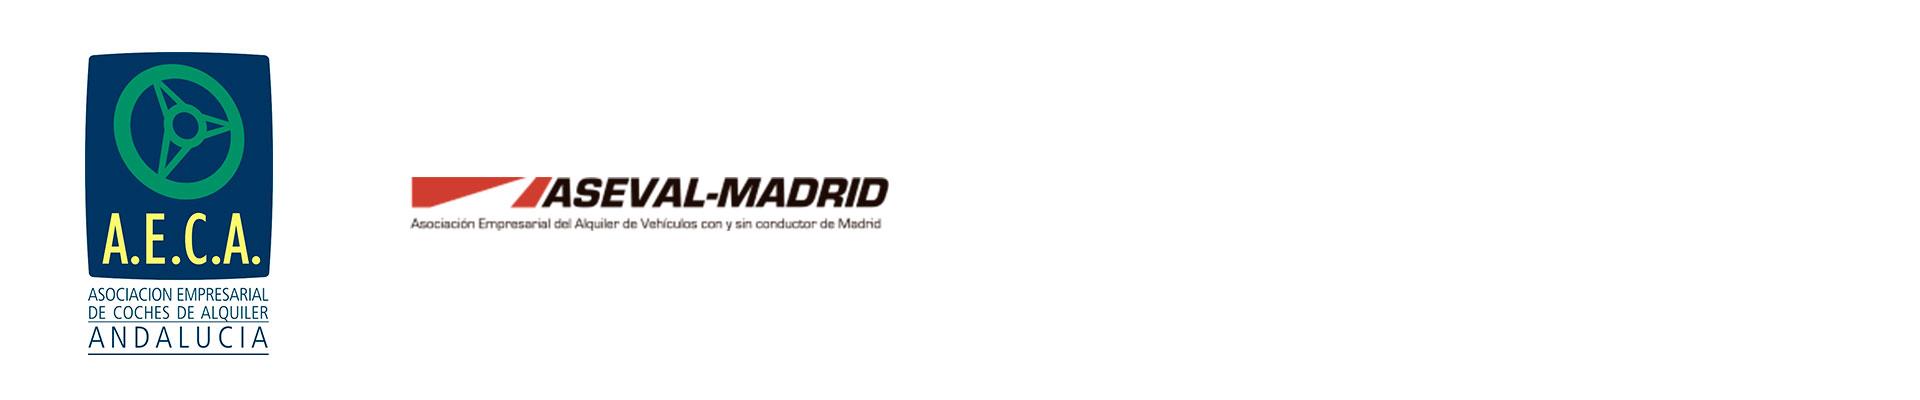 logos-asociaciones